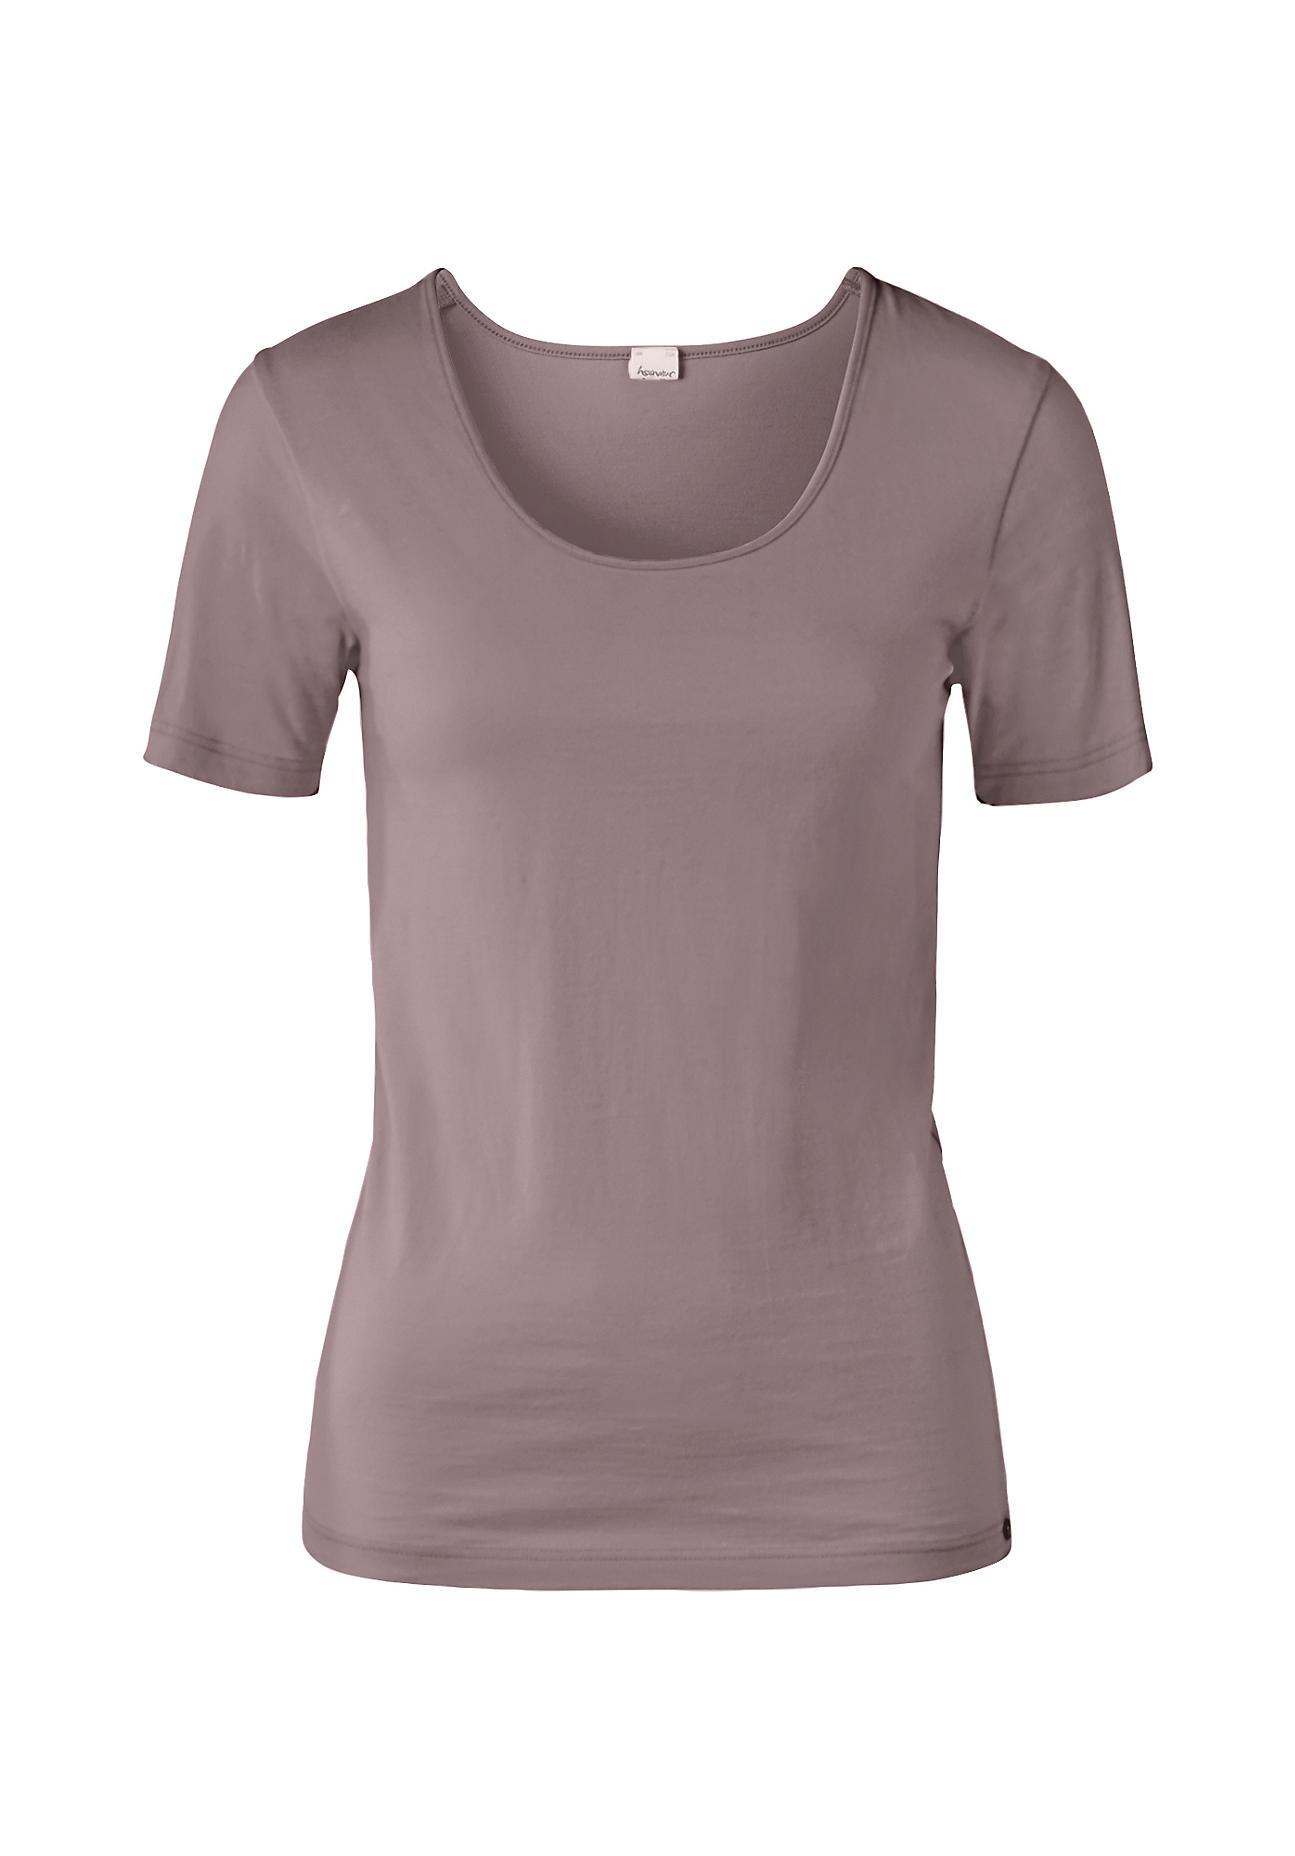 hessnatur Damen Shirt aus Bio Baumwolle und Modal – lila – Größe 38